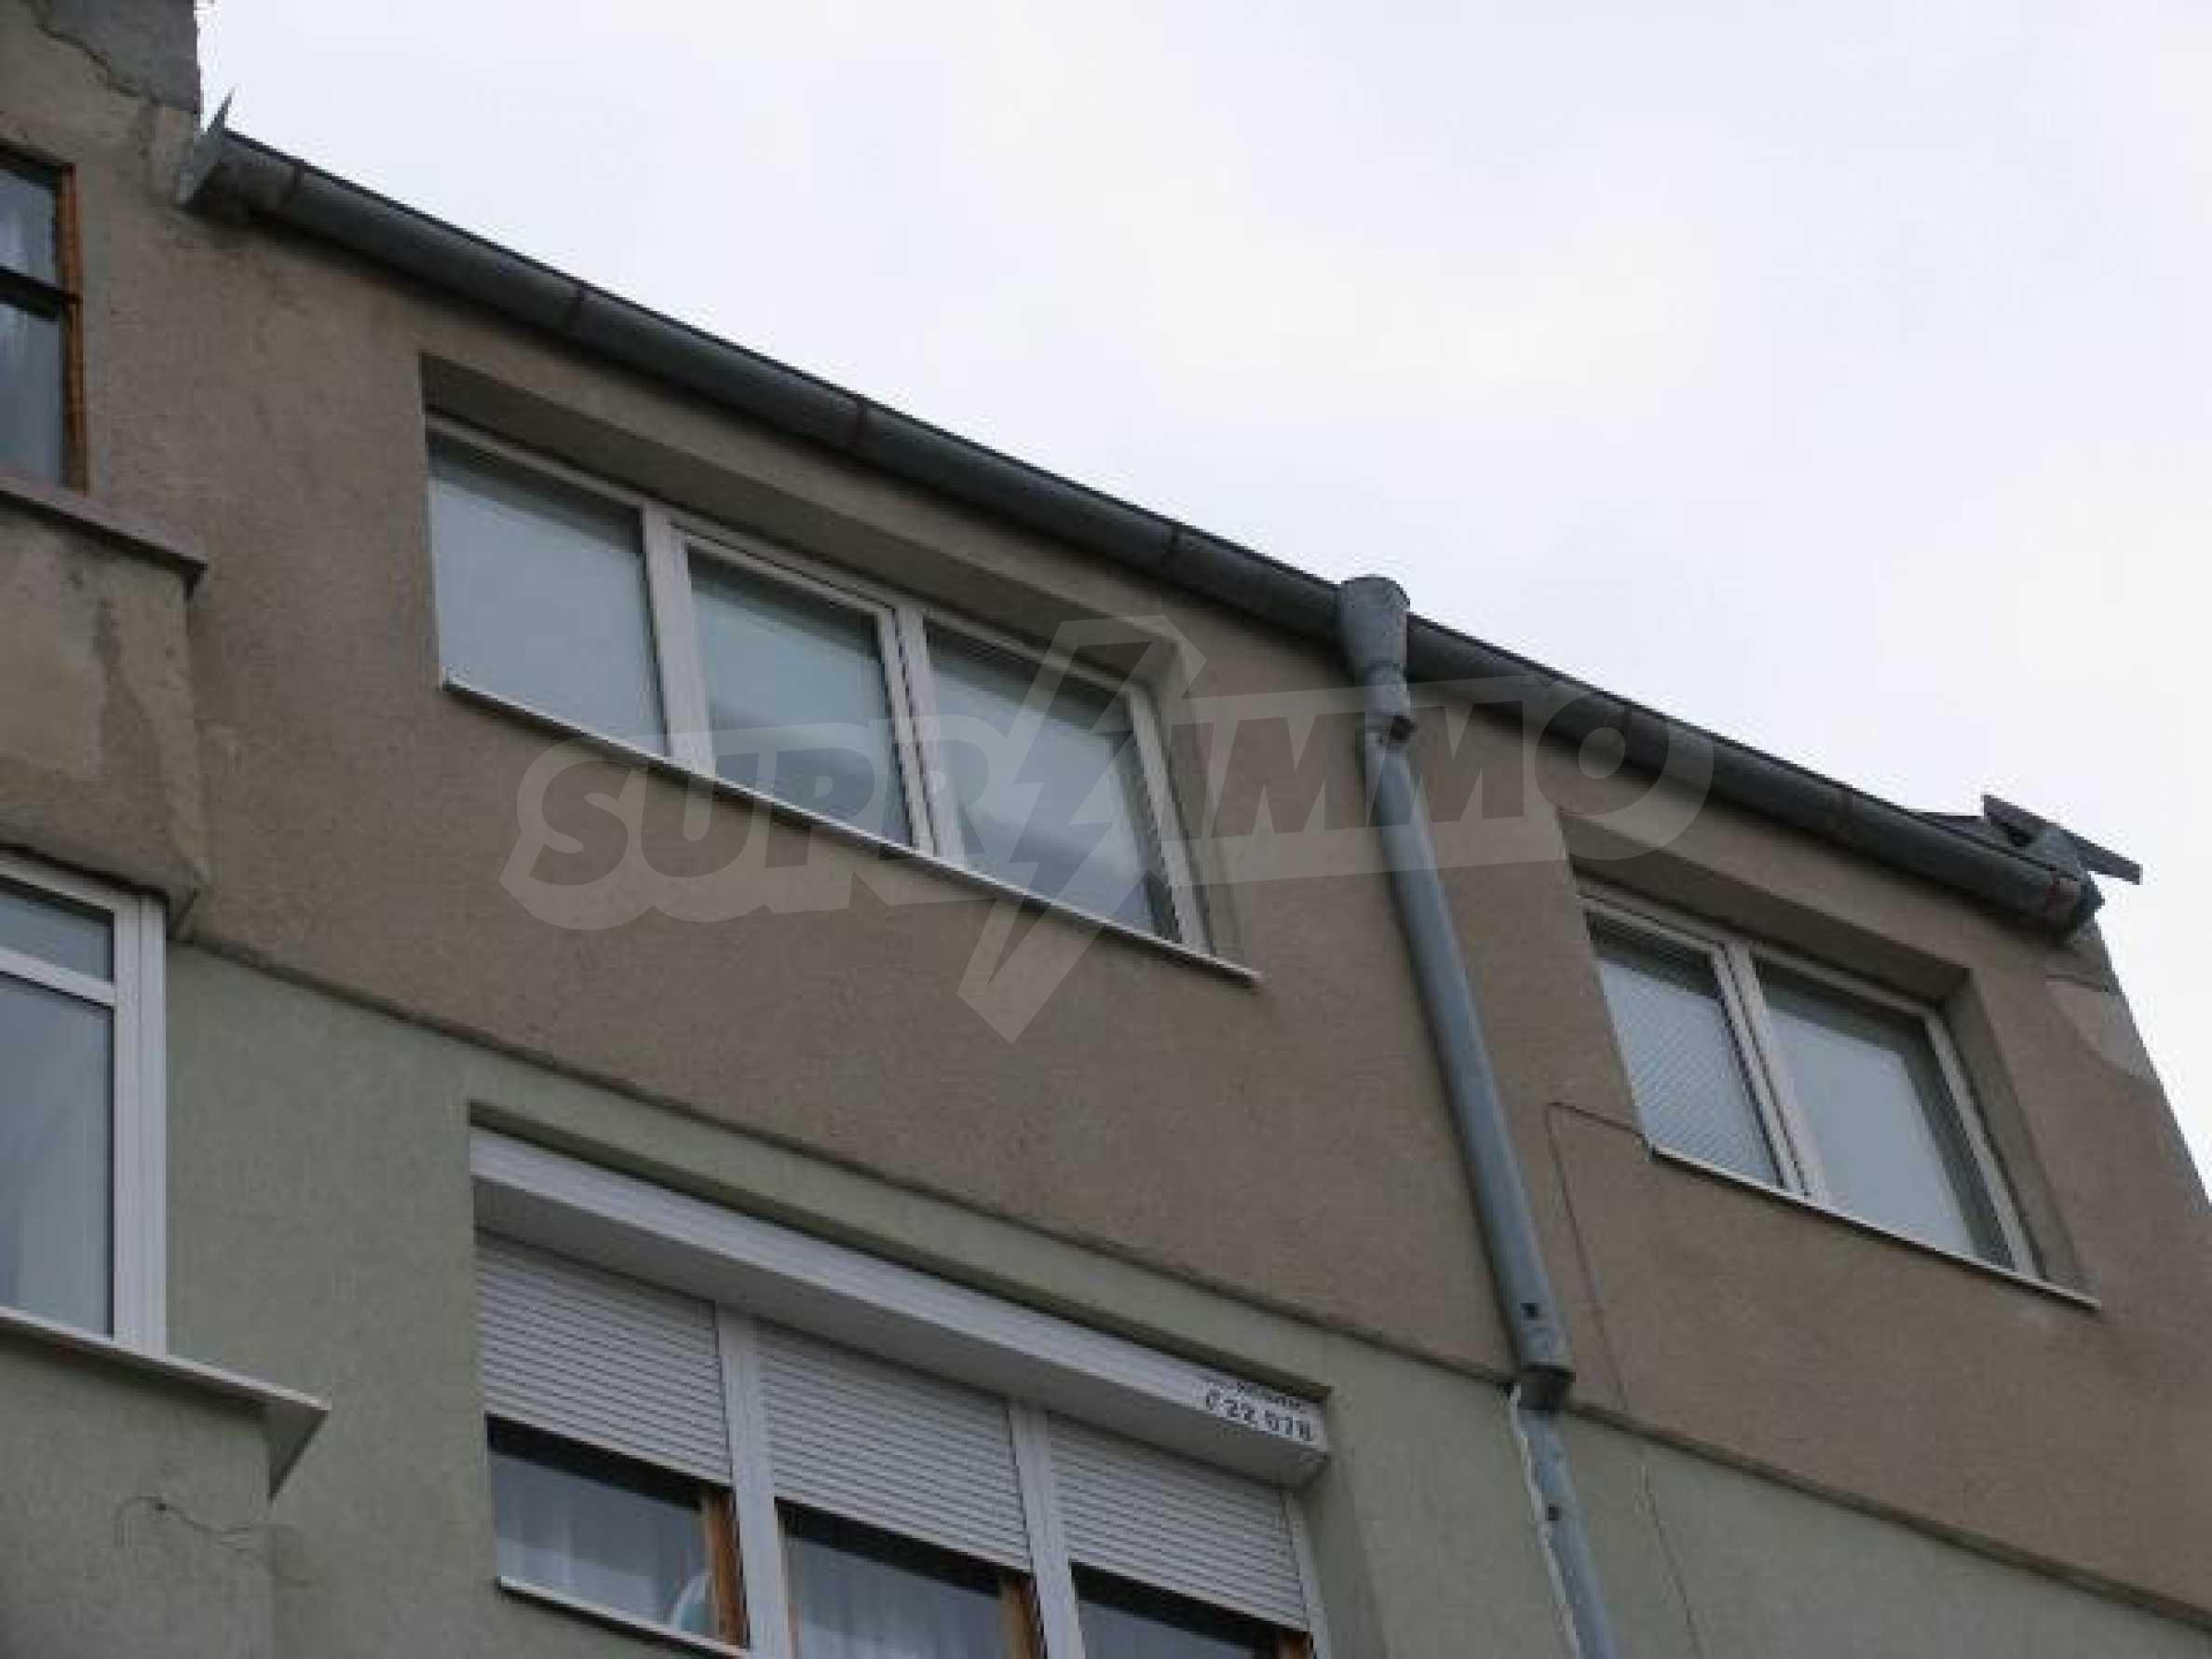 Тристаен апартамент в идеалния център на гр. Добрич 1